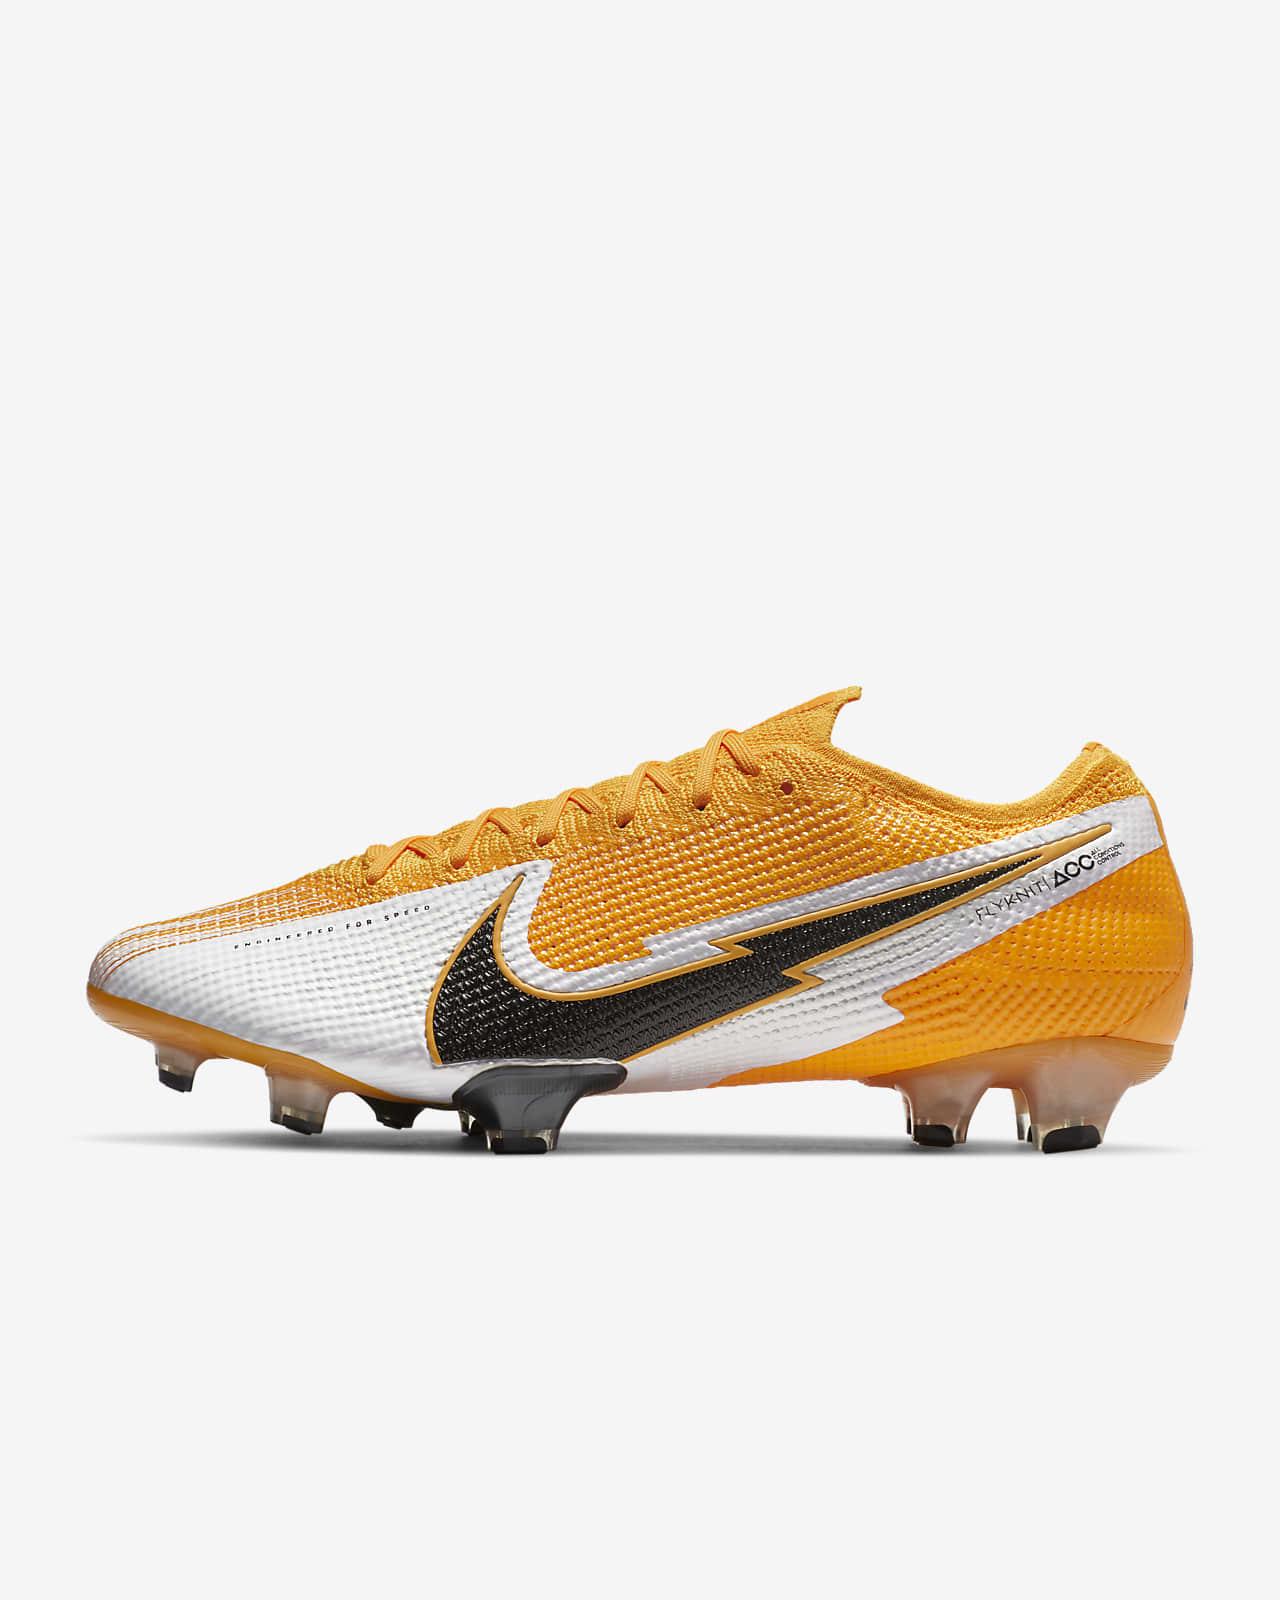 Fotbollssko för gräs Nike Mercurial Vapor 13 Elite FG